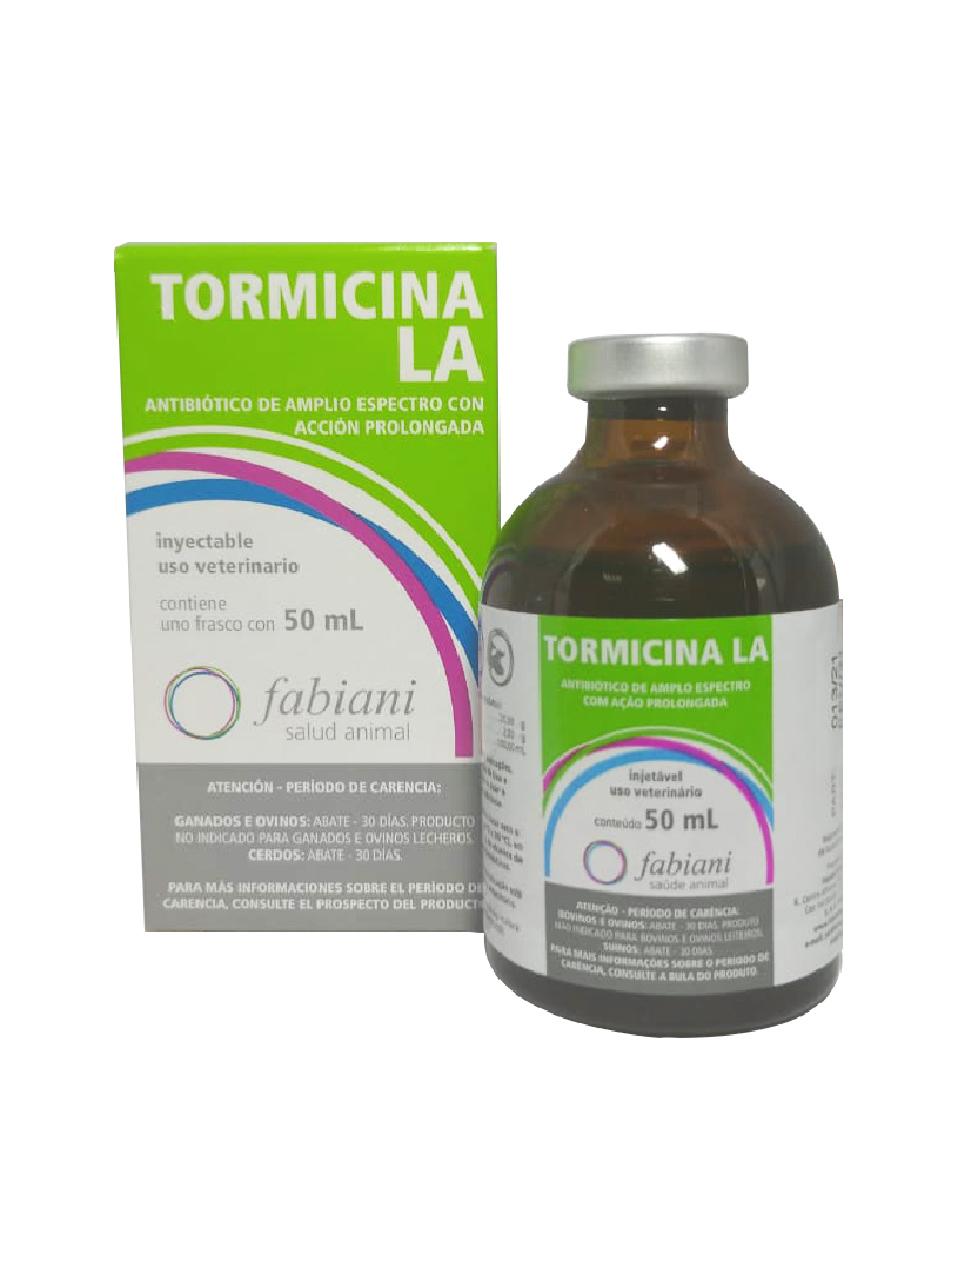 TORMICINA LA 50 ML